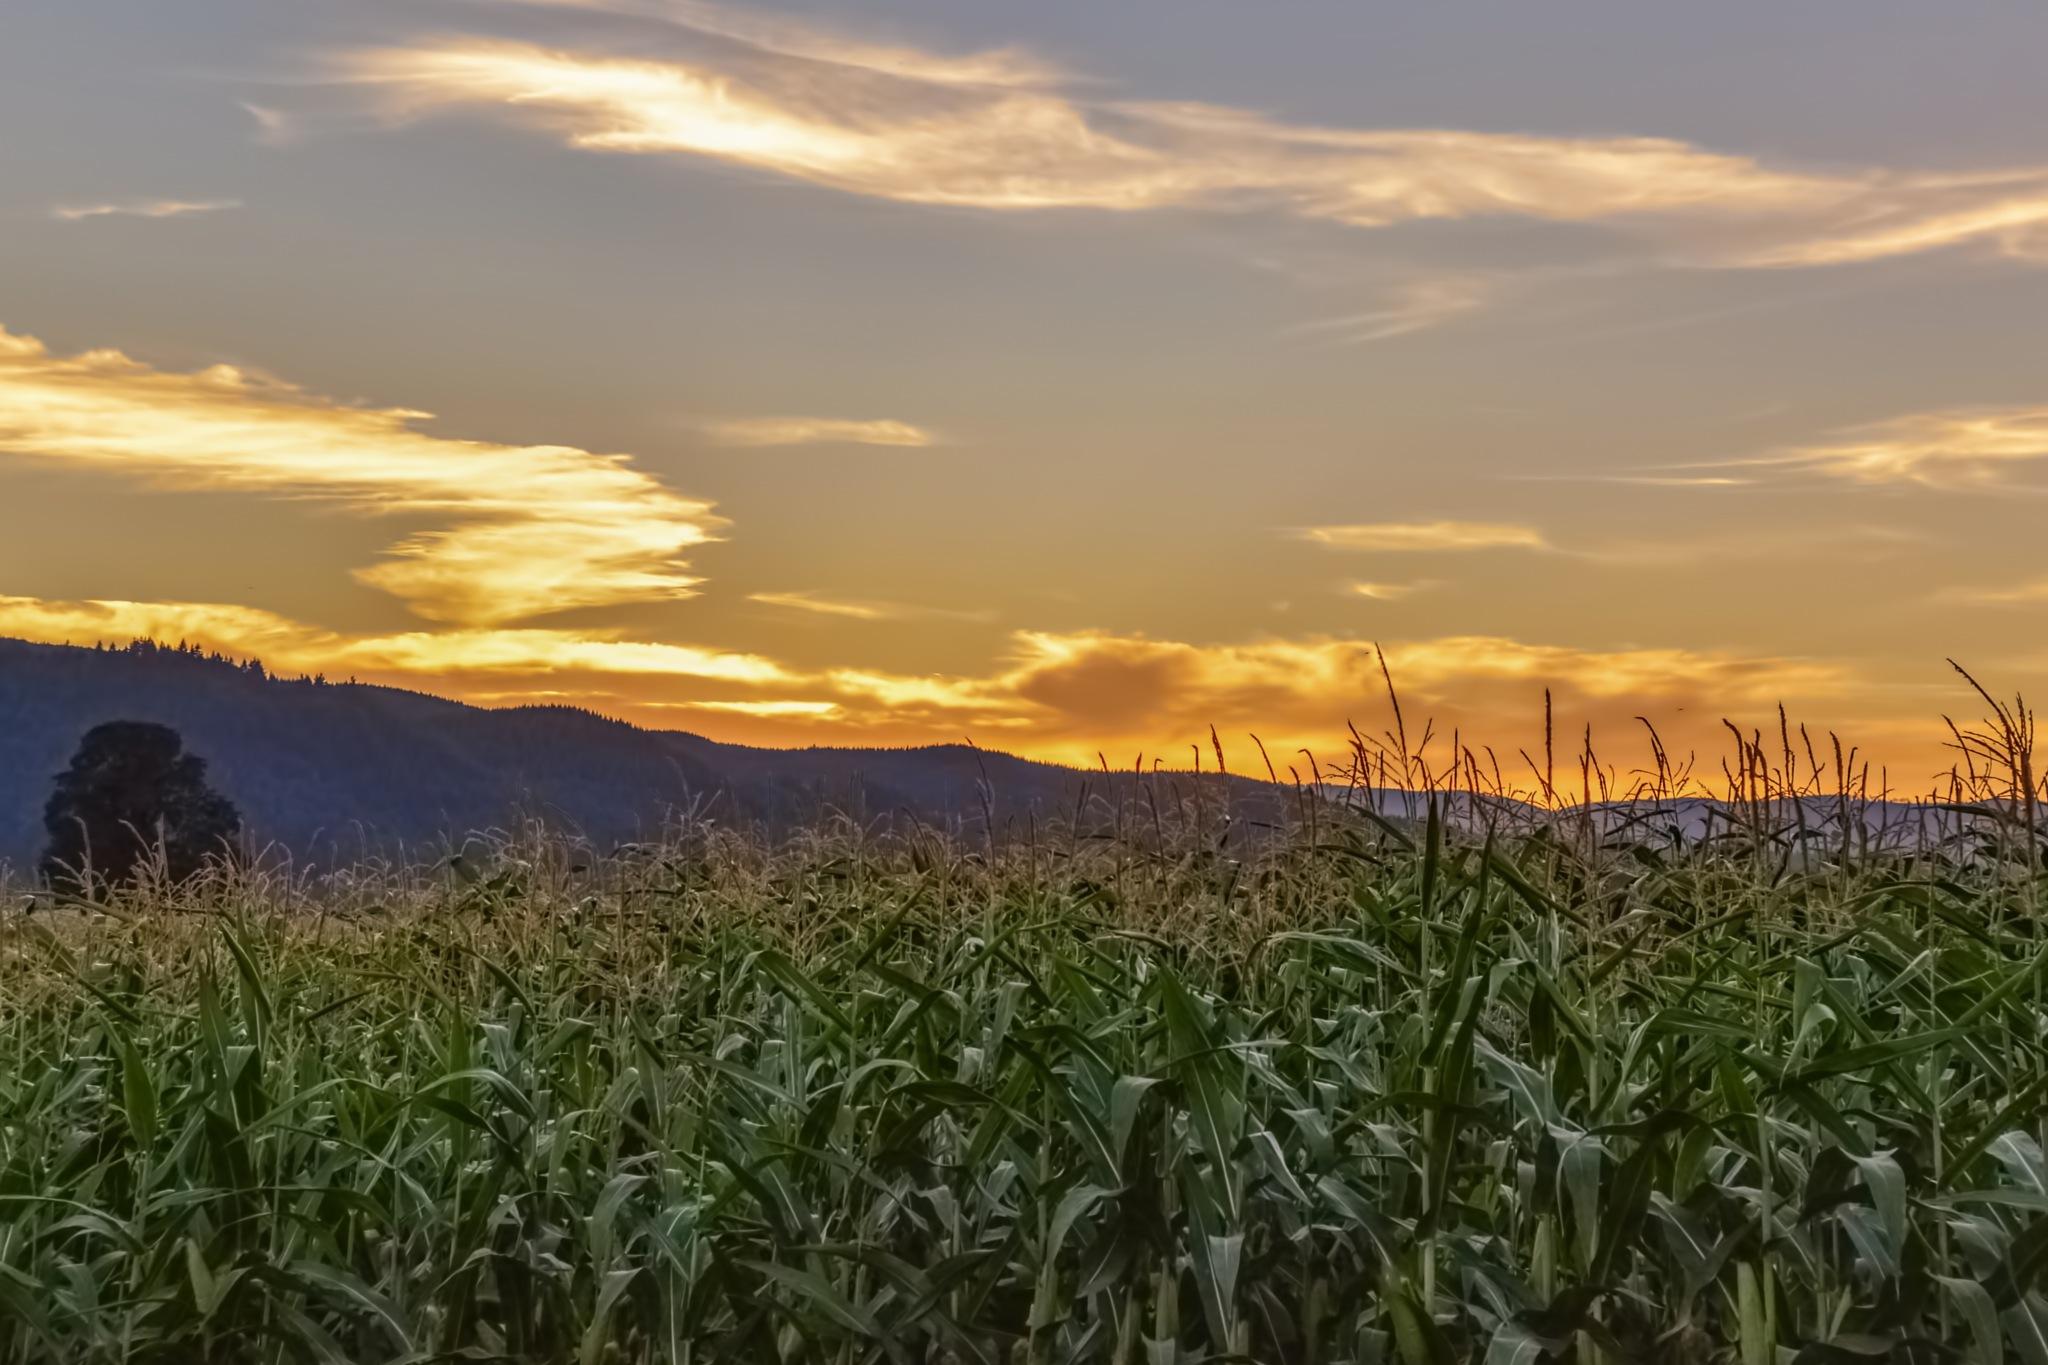 Corn Field by karmel